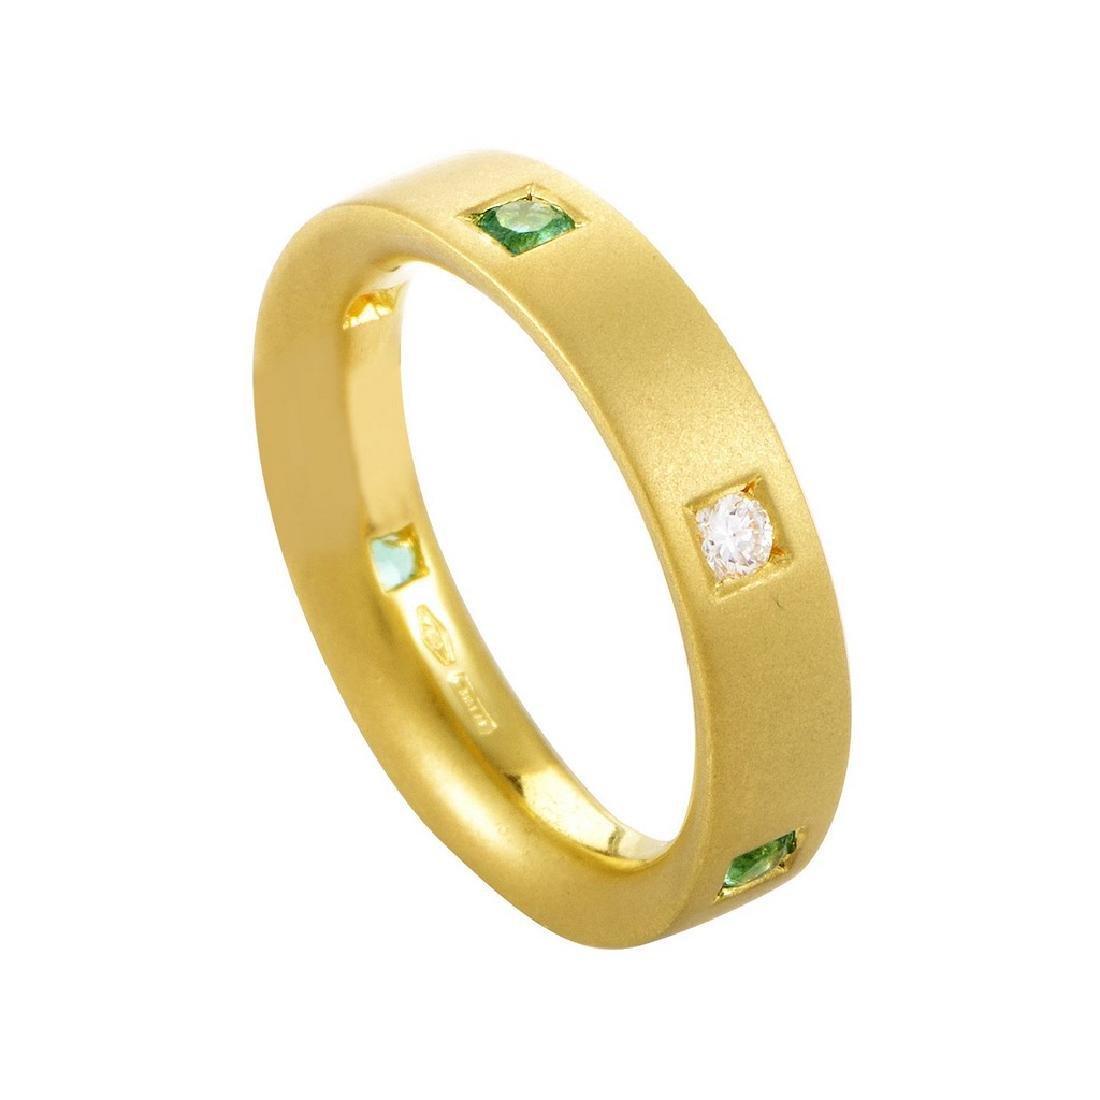 Damiani 18K Yellow Gold Diamond & Emerald Band Ring